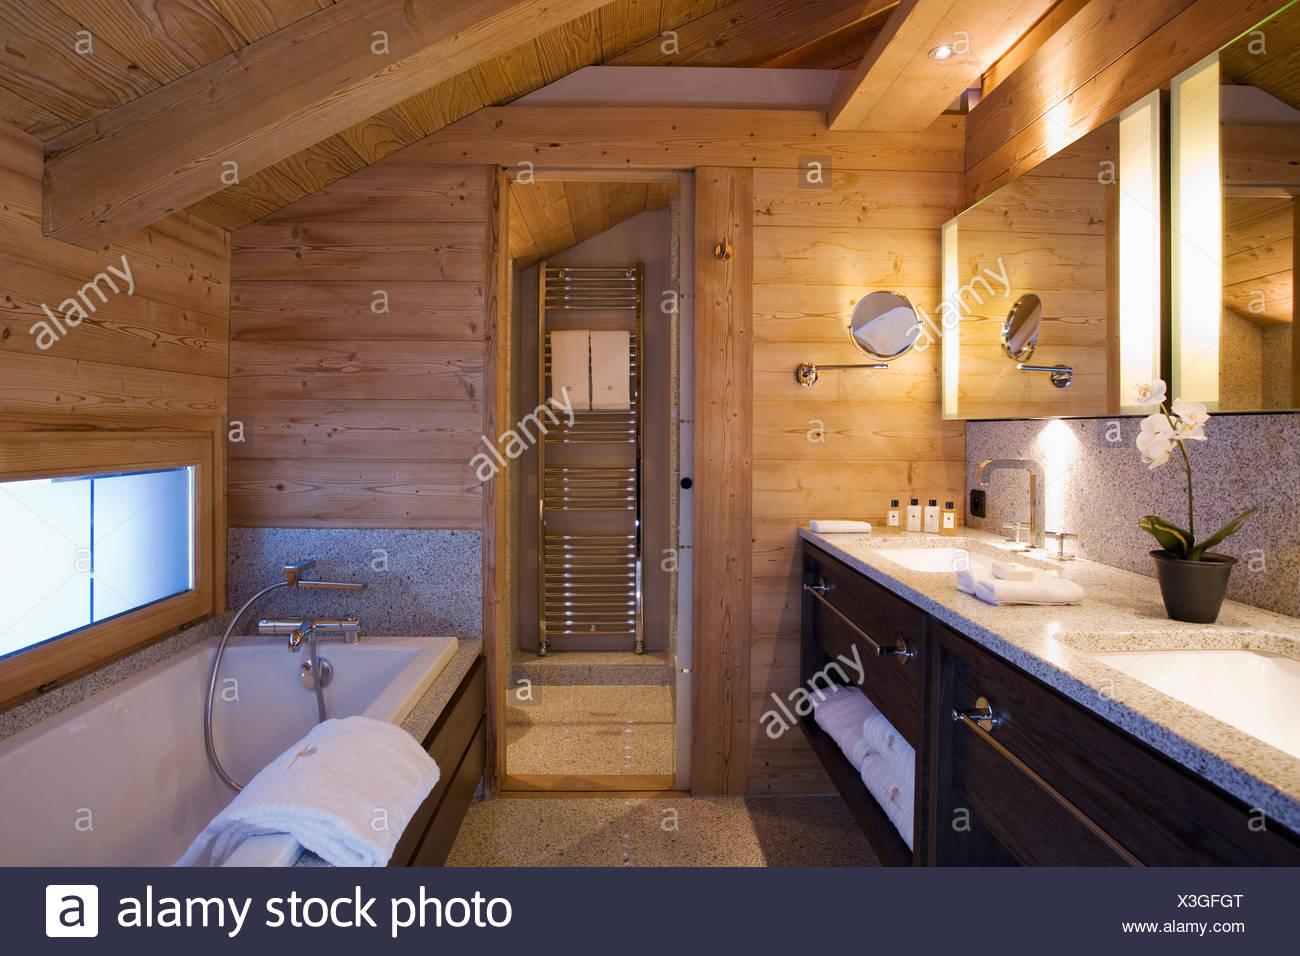 Soffitti In Legno Moderni : Nobile led soffitto legno lampada rustico moderno noce con